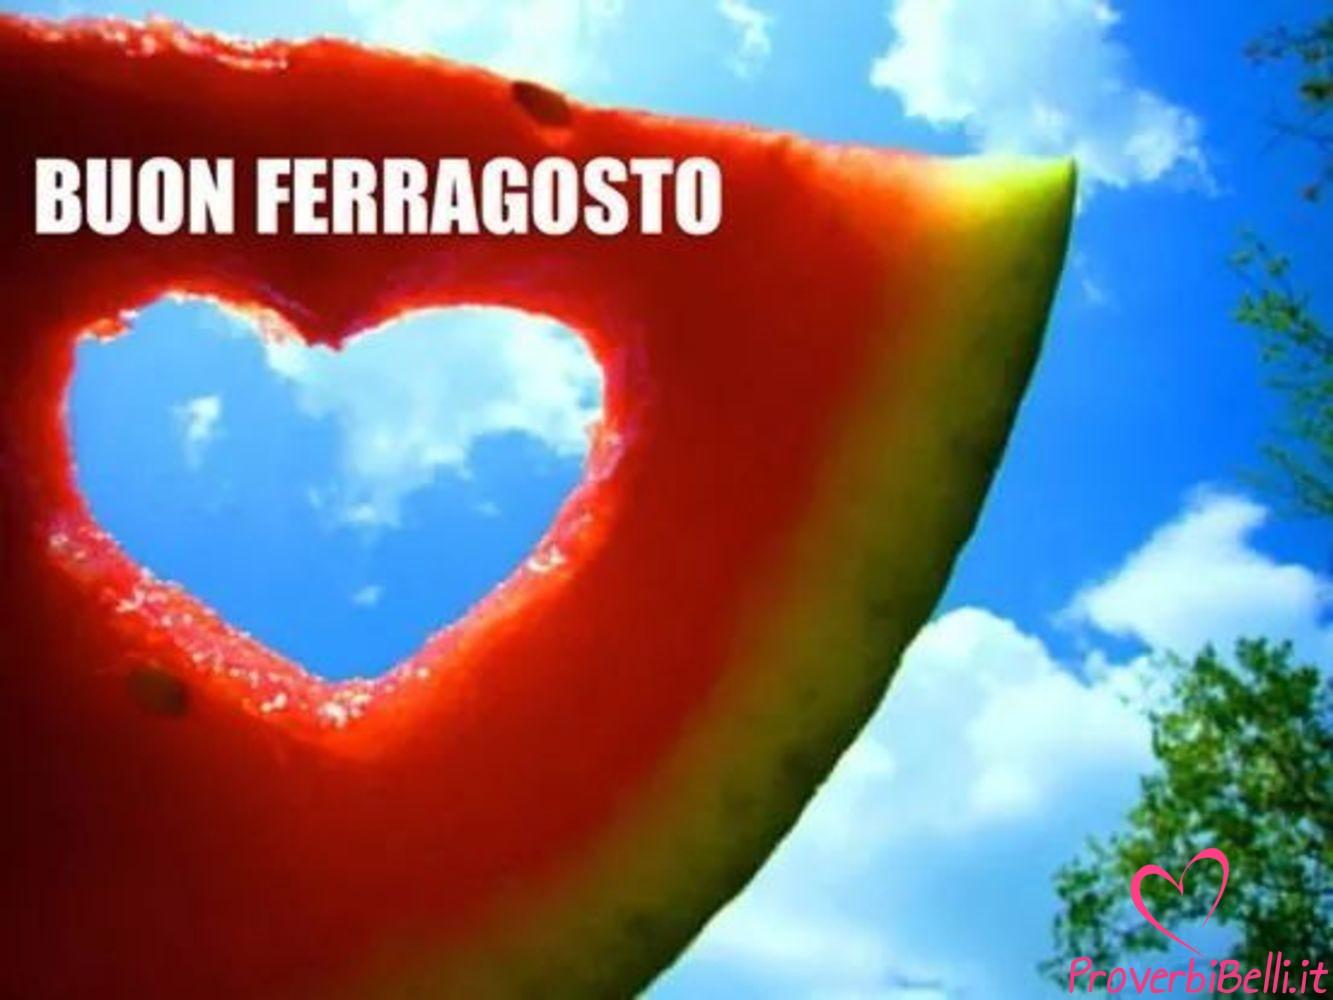 Ferragosto-Immagini-Whatsapp-Belle-64